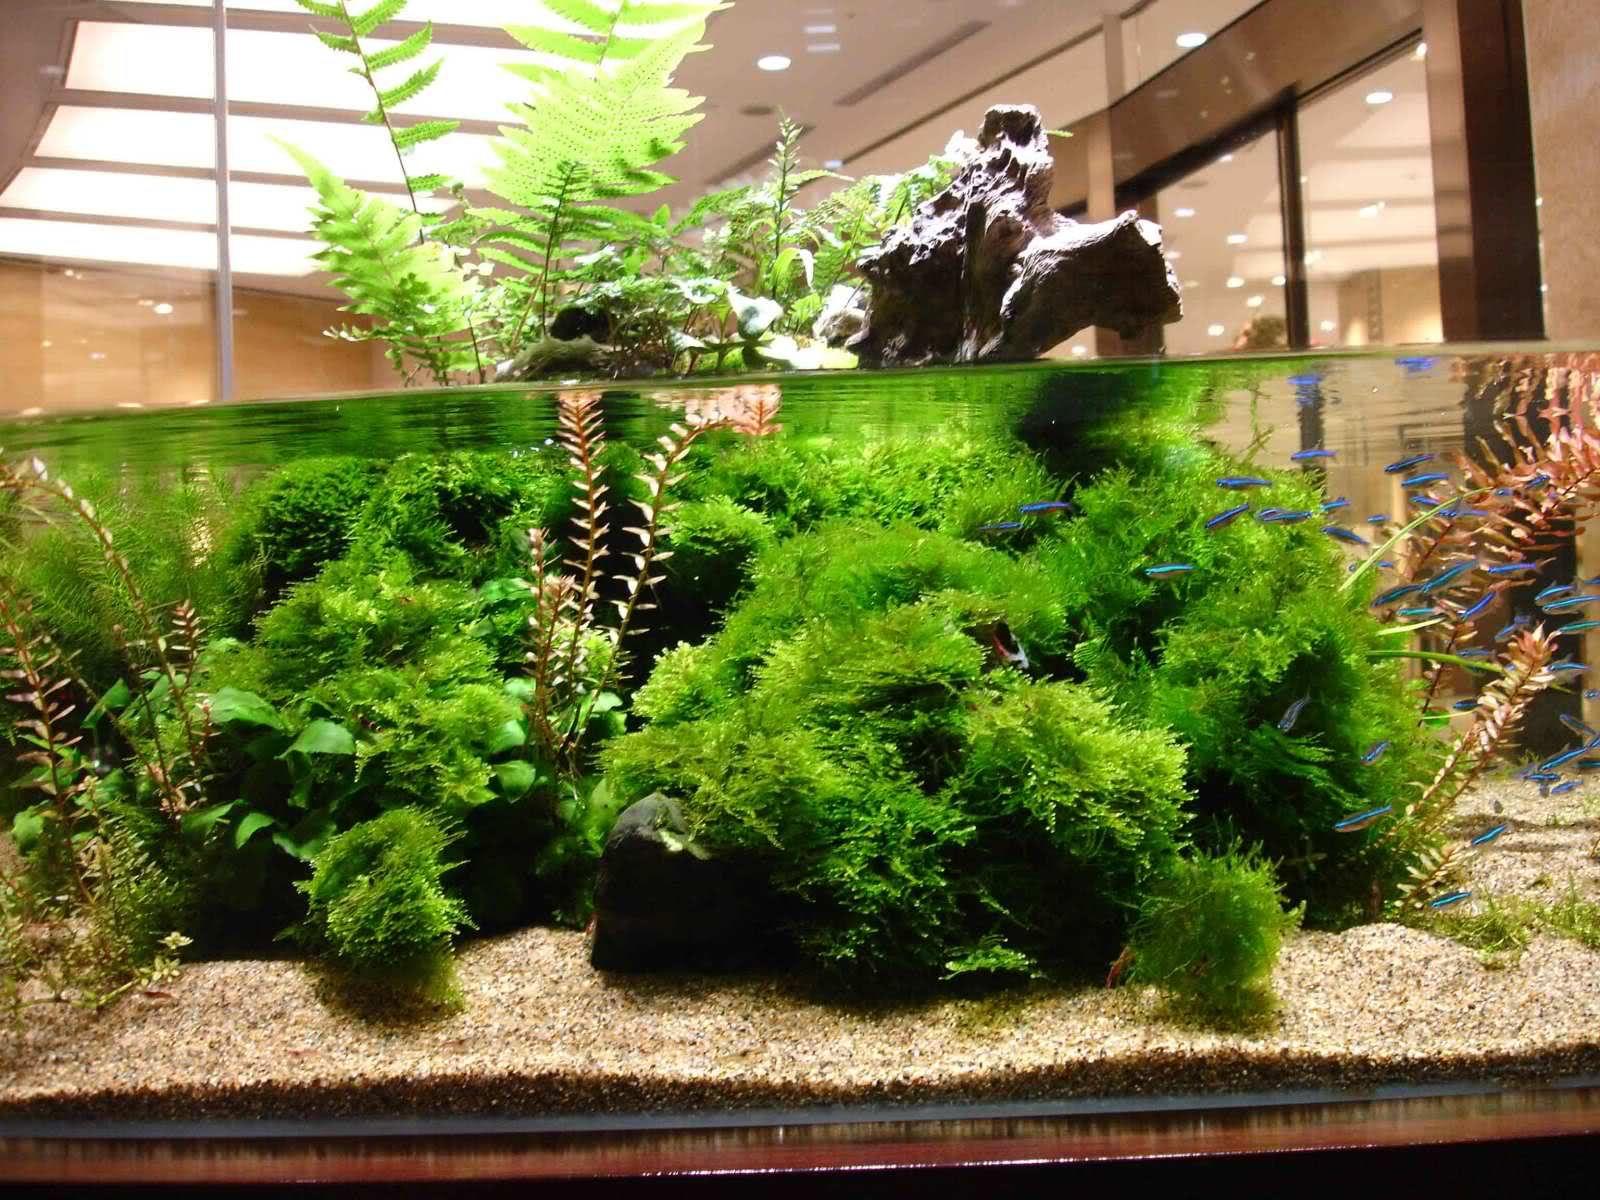 9c470339853e2b2f27e43426ce1c8b68 Frais De Aquarium Tropical Schème